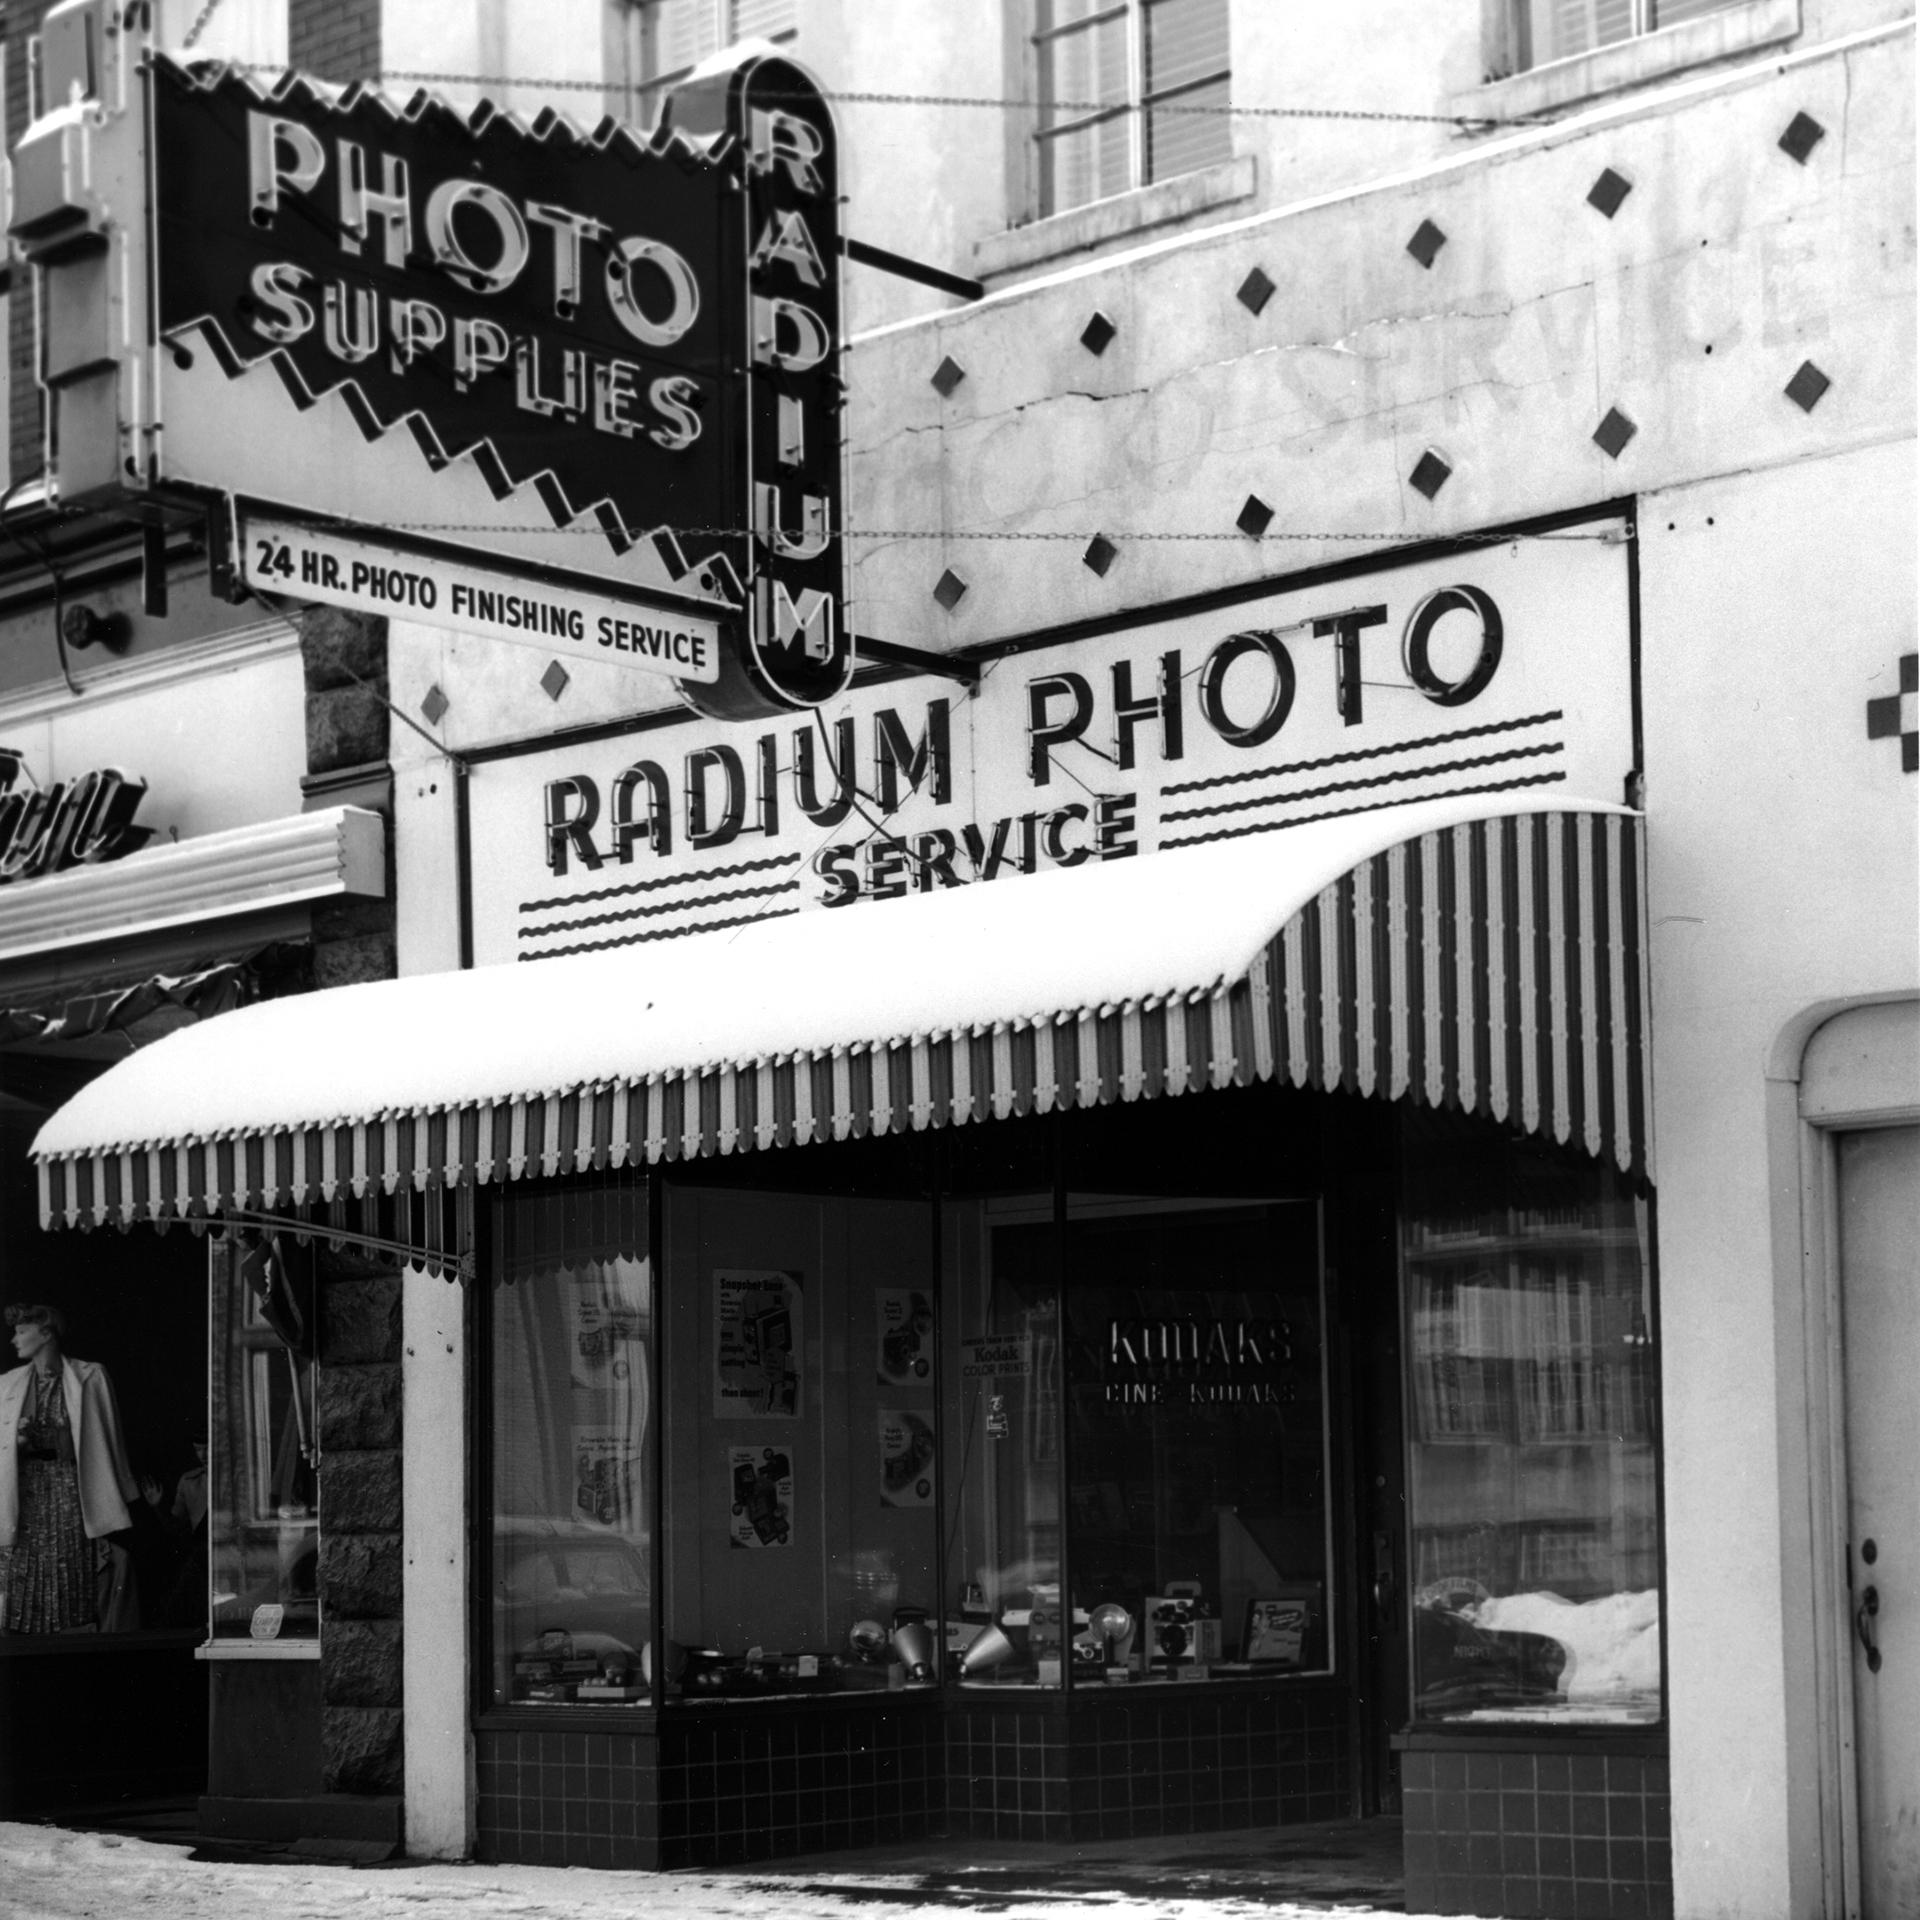 145 Western Ave Radium Exterior SQUARE